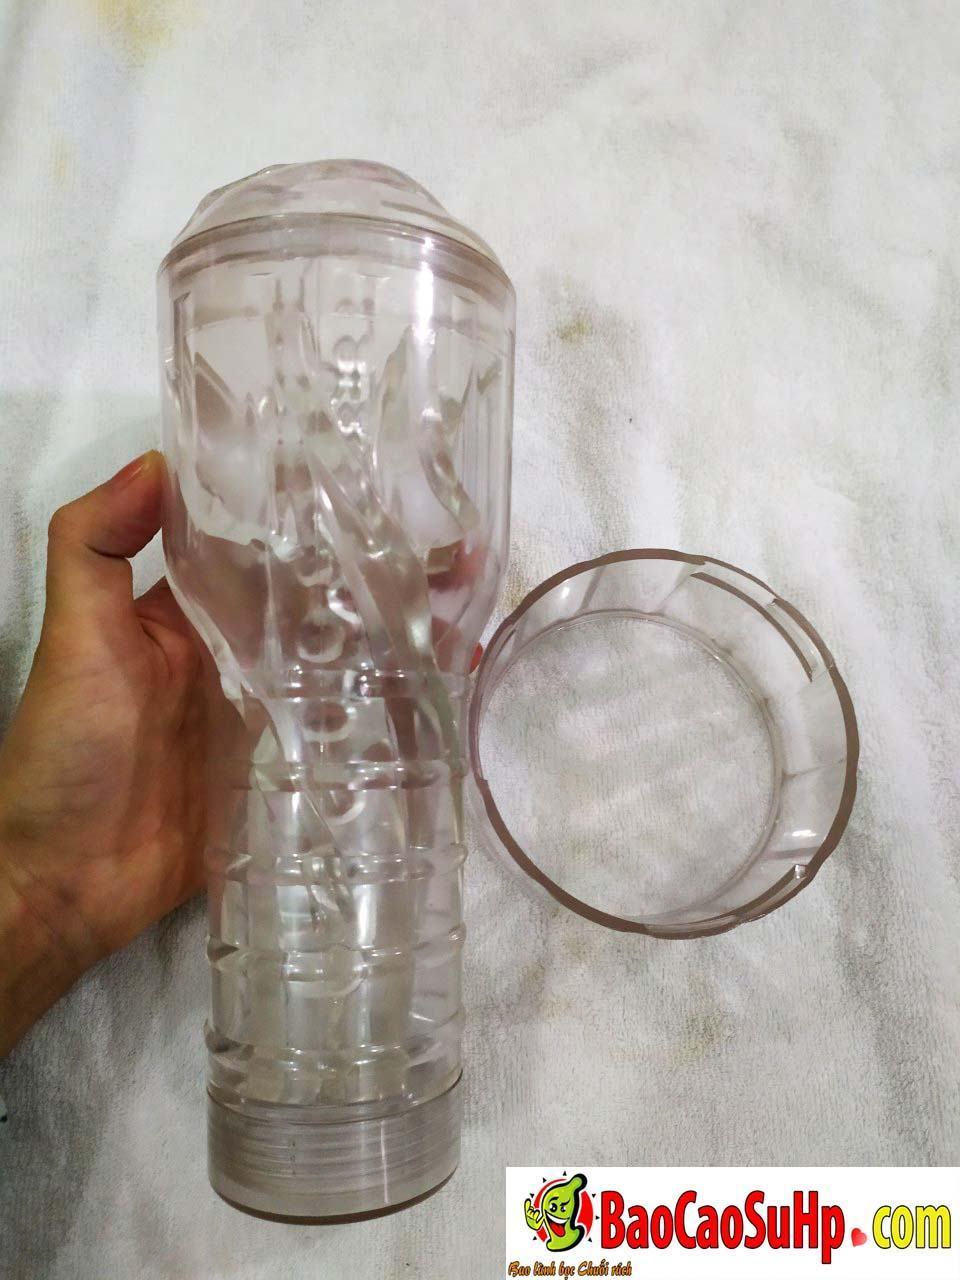 20200113095638 1363873 am dao gia fleslight usa crystal cam tay 1 - Âm đạo giả Fleslight USA Crystal cầm tay